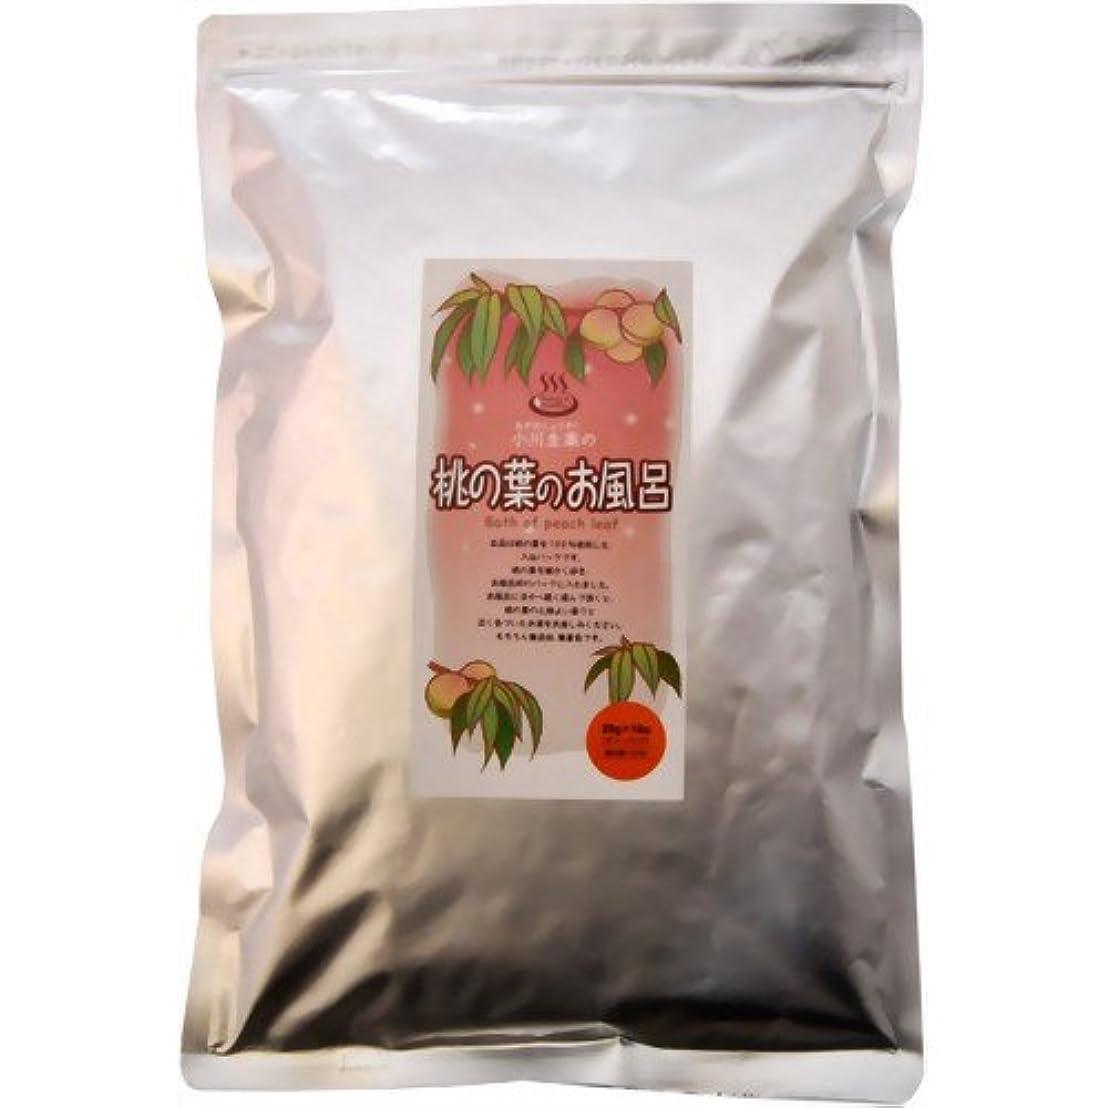 準備ソケット重力小川生薬の桃の葉のお風呂 20g*10袋